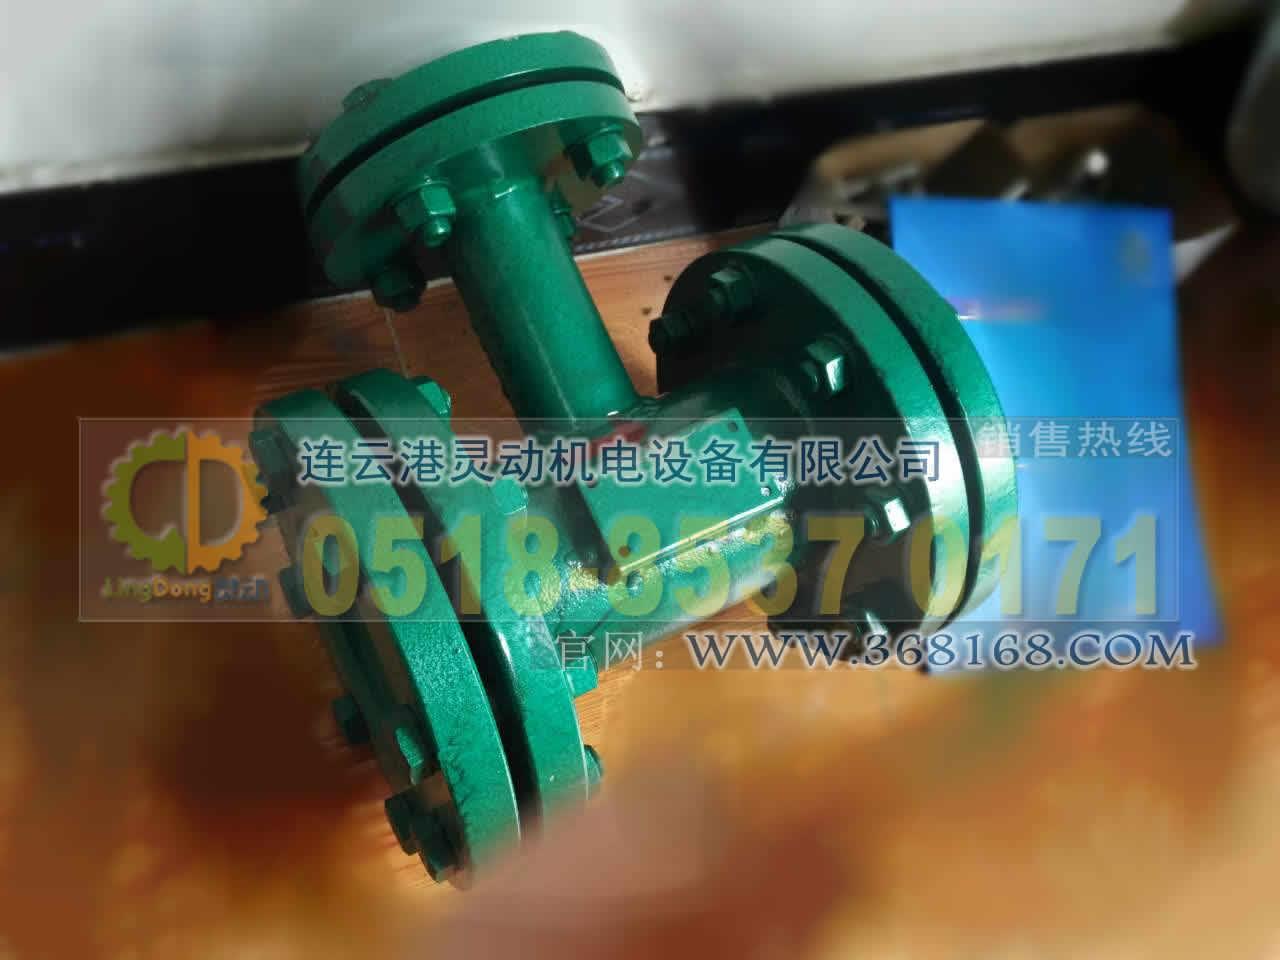 汽液两相流生产厂家,液位自动疏水调节器厂家,疏水器制造